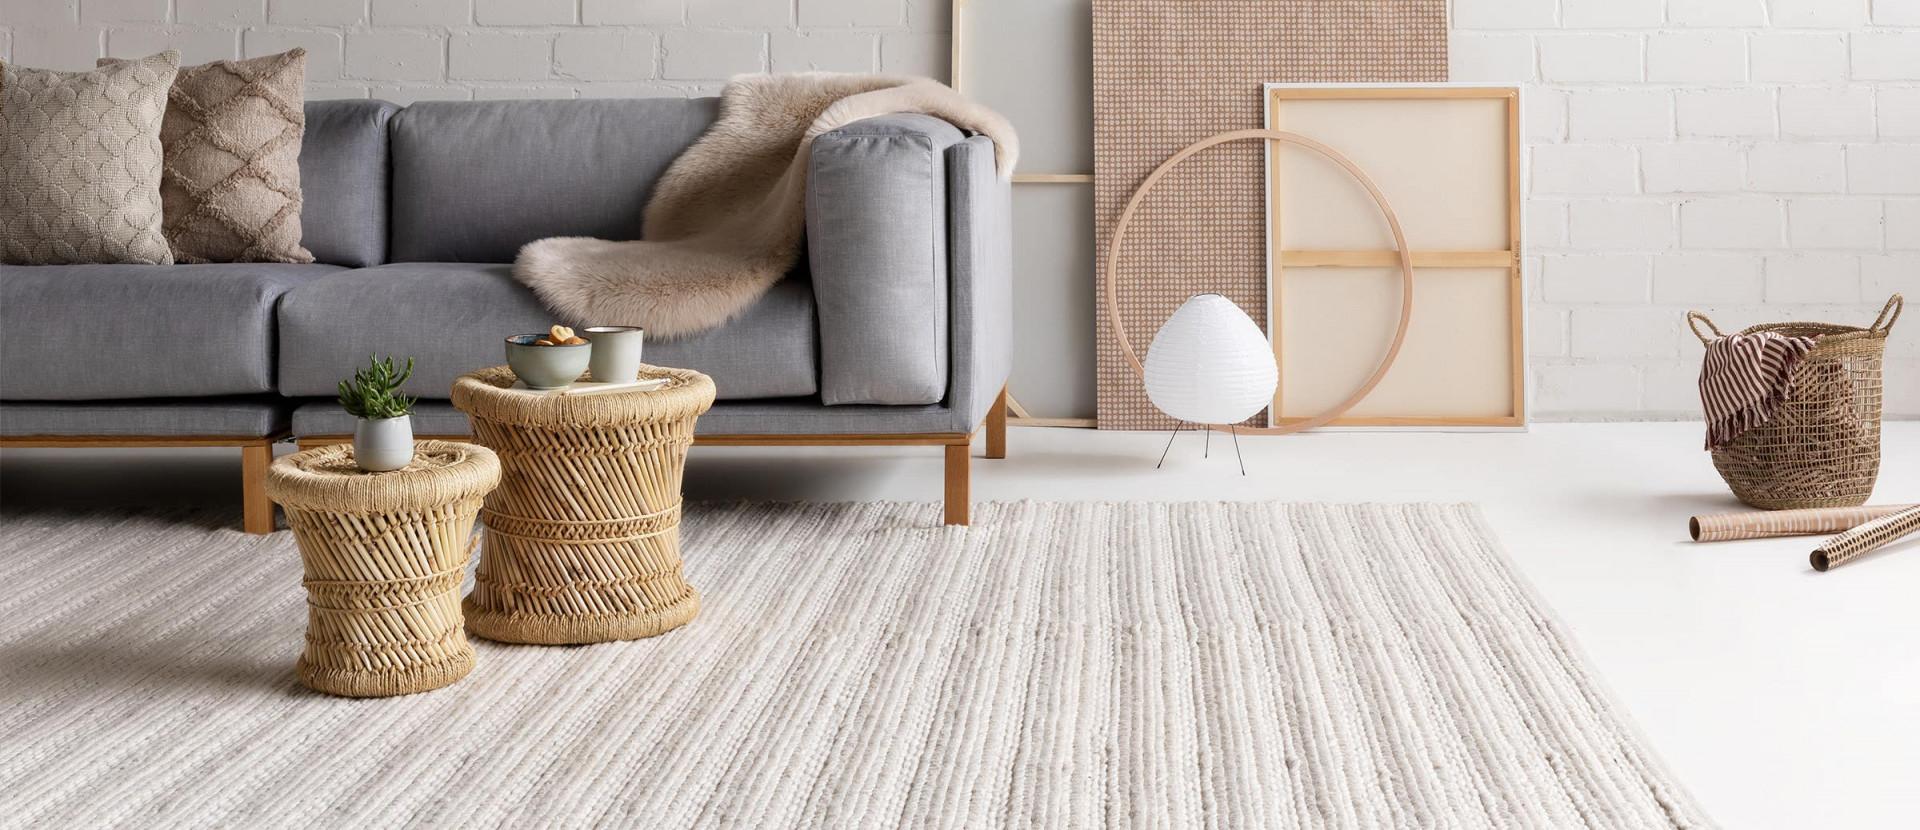 Welcher Teppich Passt Zu Mir  Hilfreiche Tipps von Strapazierfähiger Teppich Wohnzimmer Photo